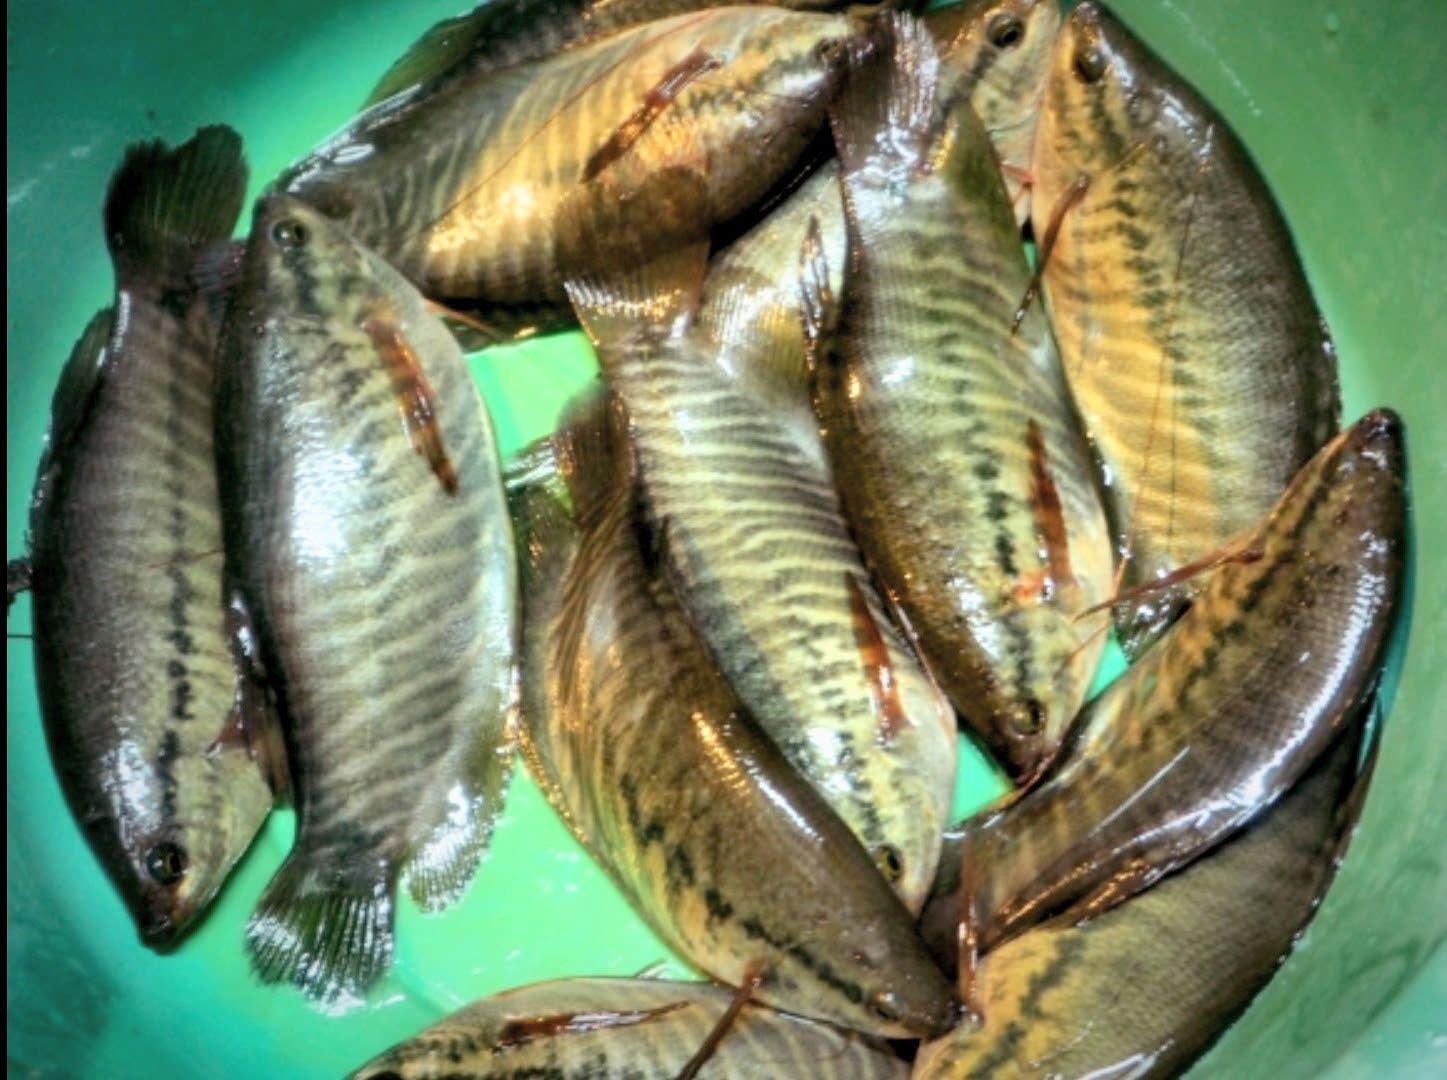 แป้งข้าวโพดก็ตก #ปลาสลิด ได้นะครับ